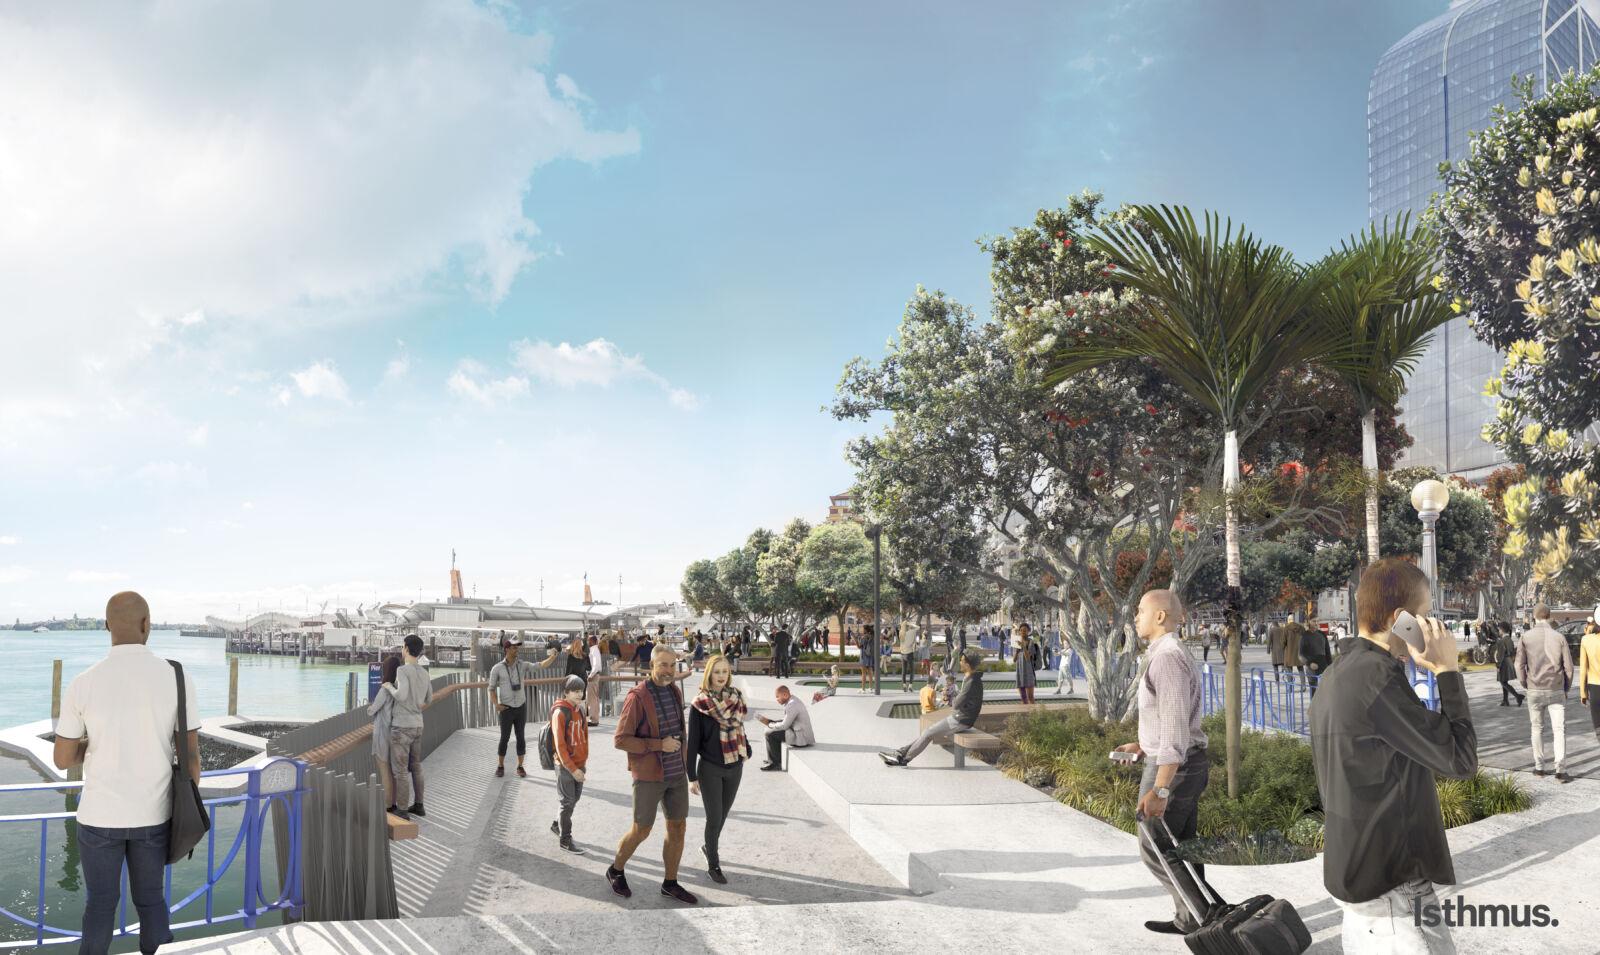 Landscape Architecture Waterfront Public Space